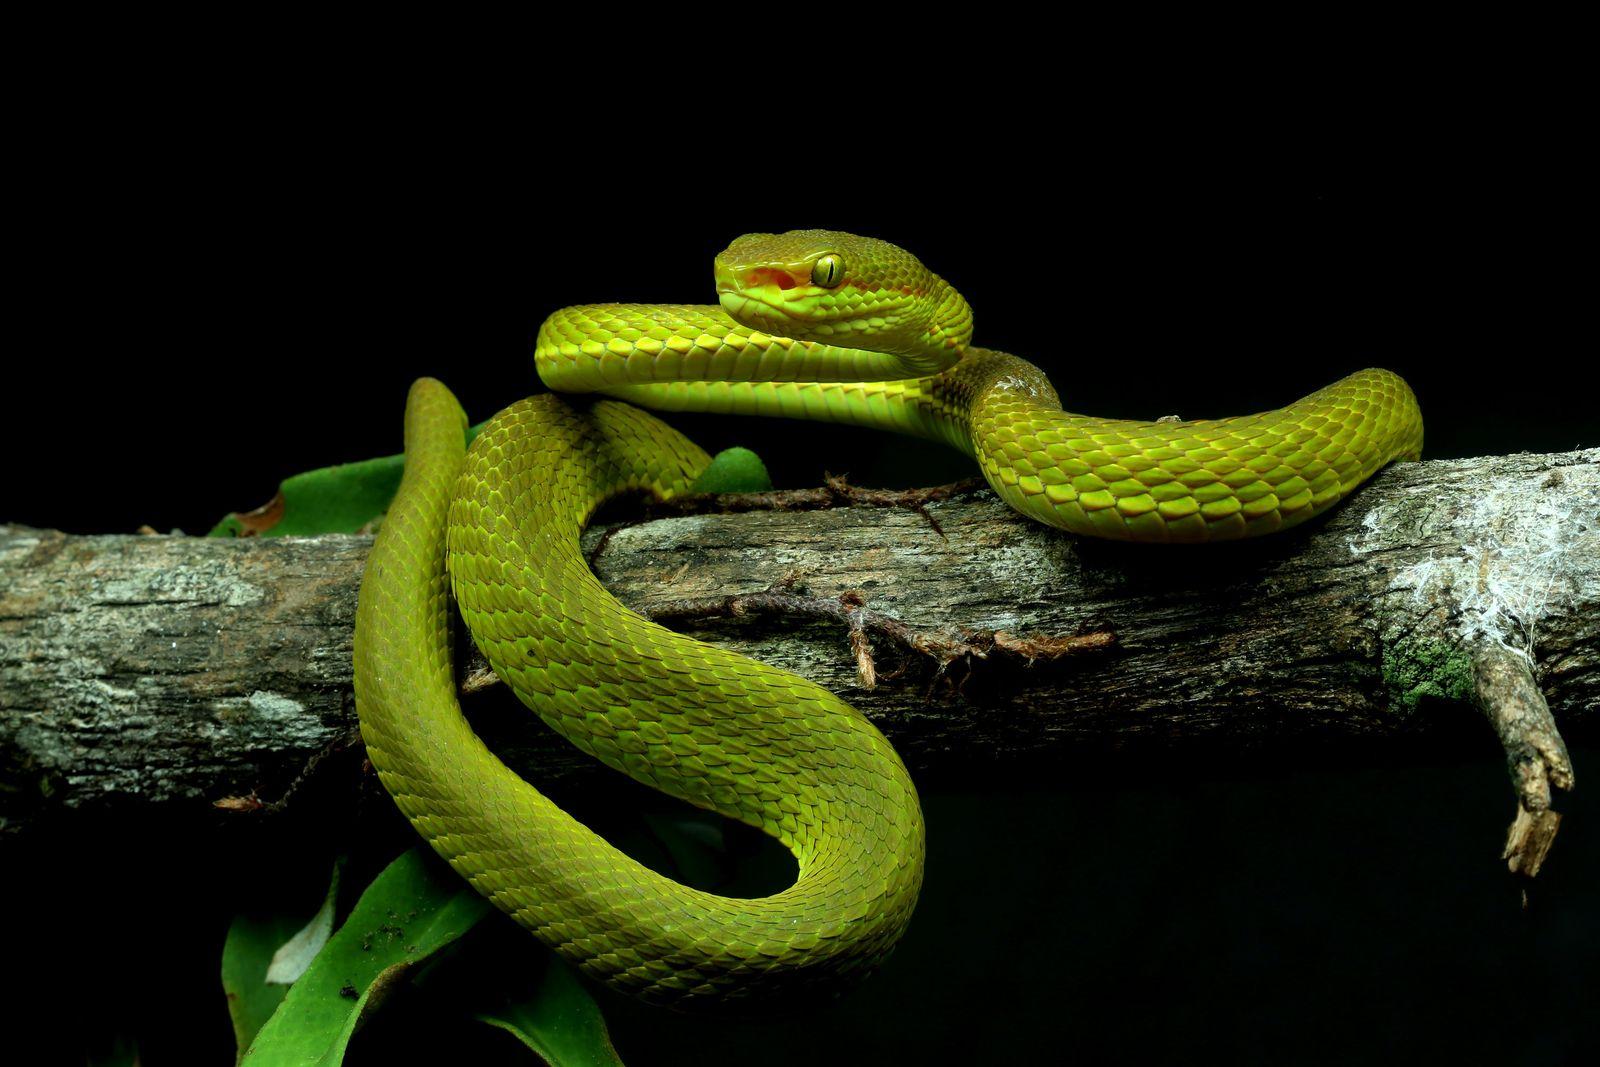 Forscher benennen Schlange nach Salazar Slytherin